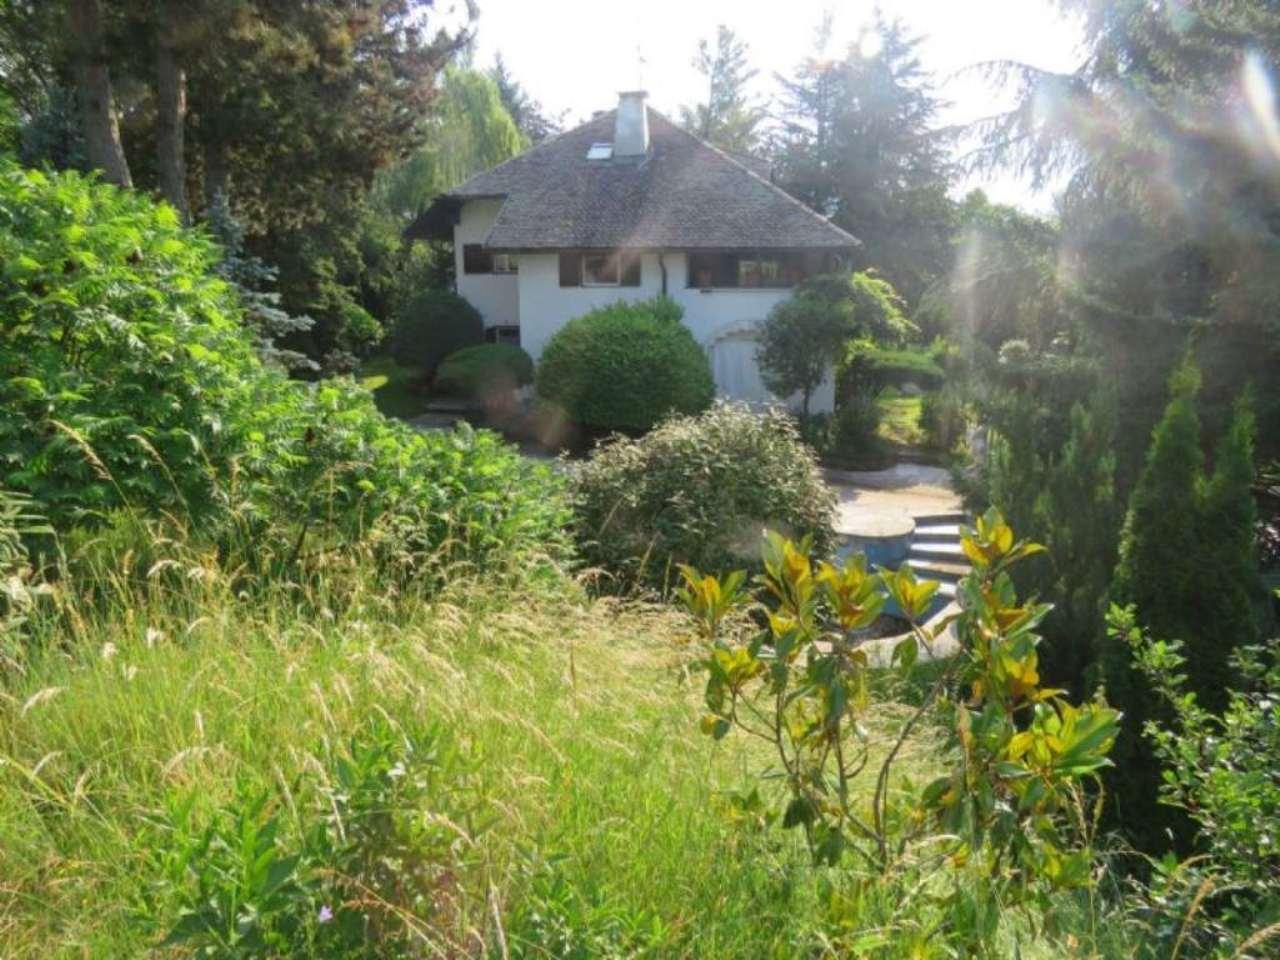 Villa in vendita a Renon, 12 locali, Trattative riservate | Cambio Casa.it